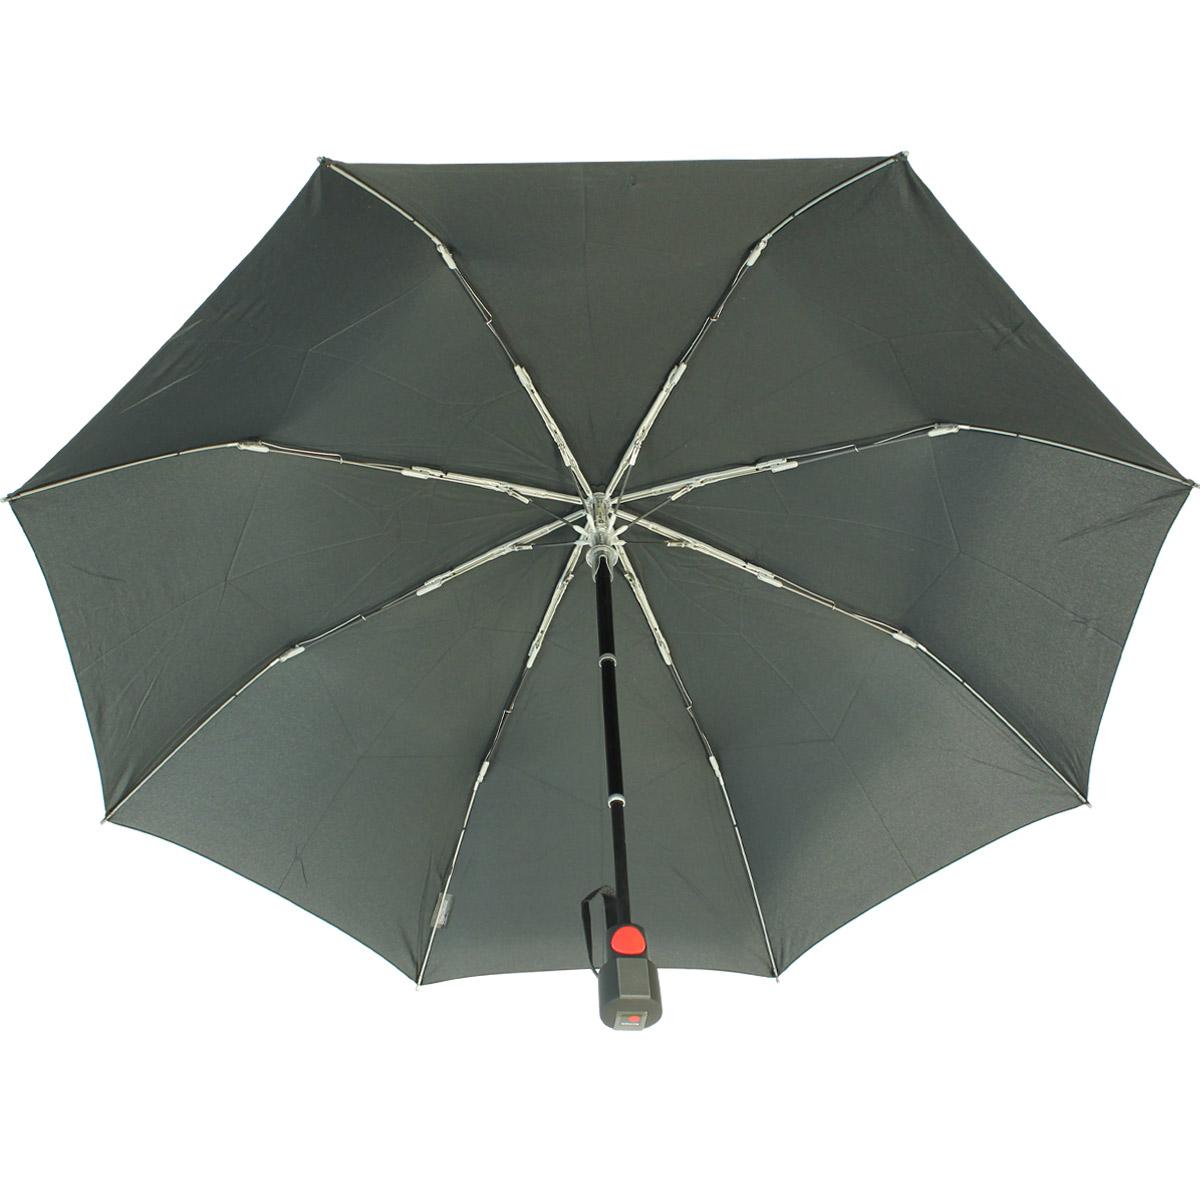 knirps regenschirm fiber t1 ac black schwarz 34 99. Black Bedroom Furniture Sets. Home Design Ideas